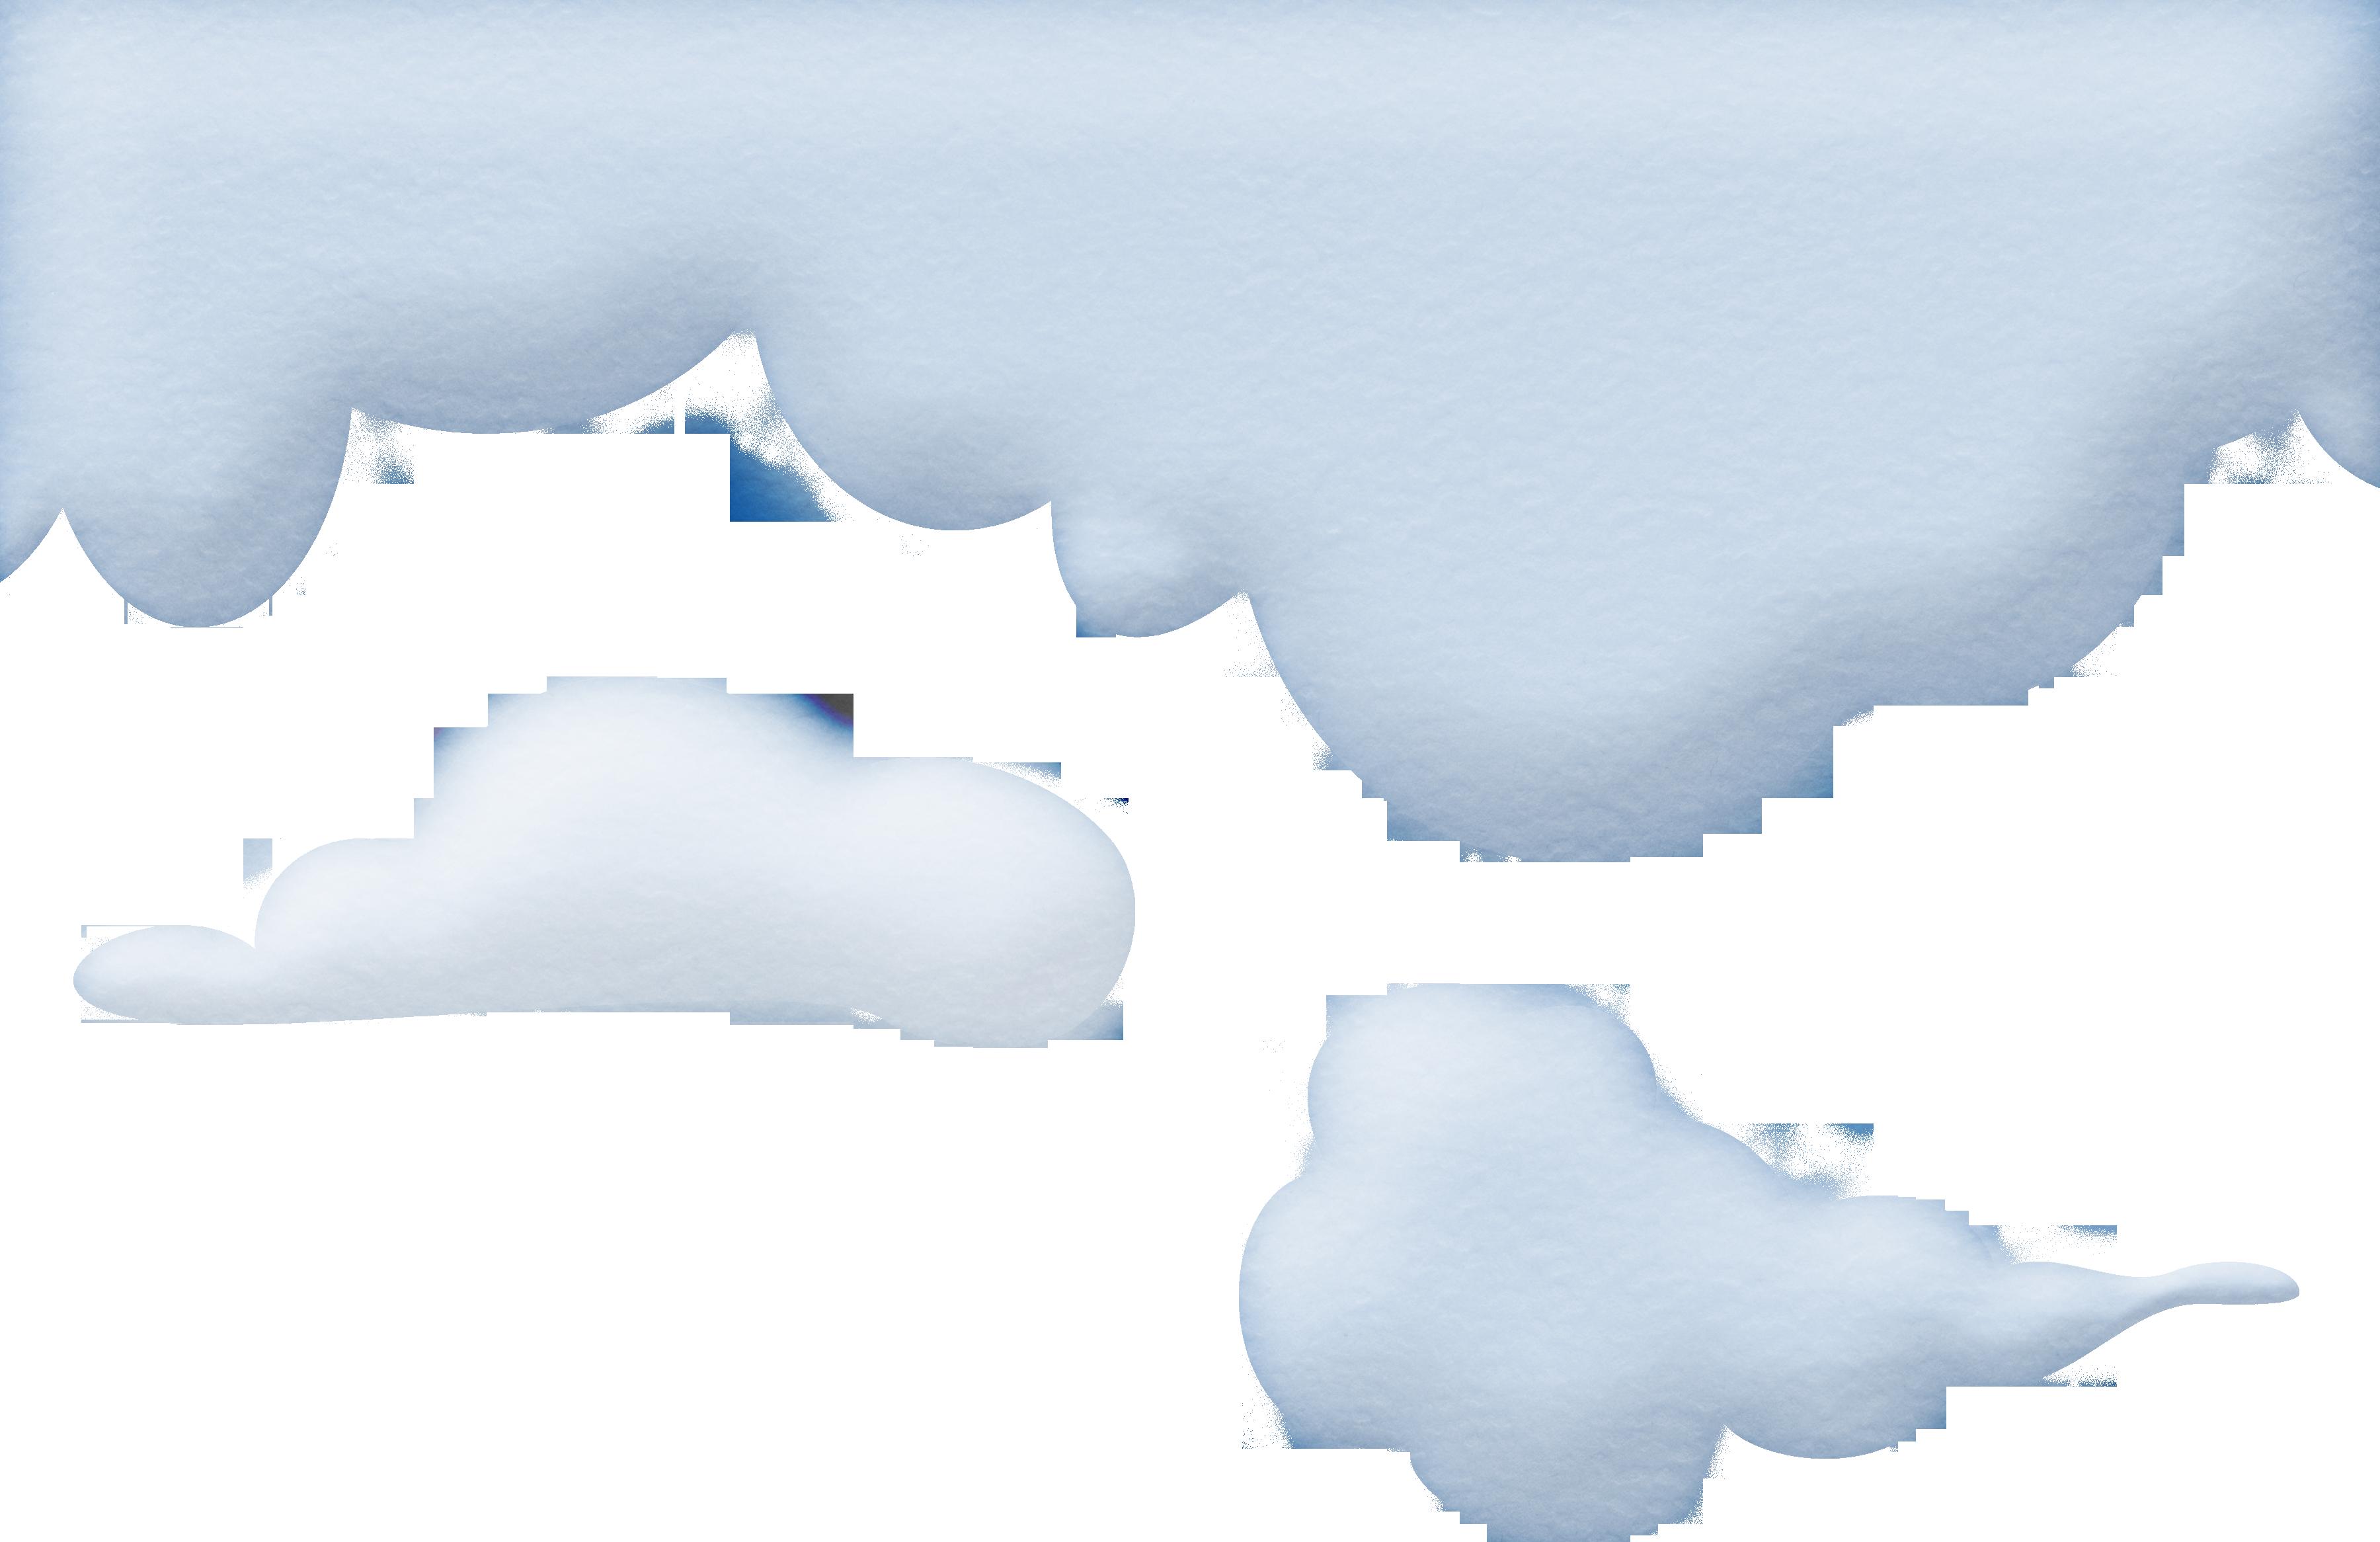 Cloud Png Image Cartoons Png Clouds Image Cloud